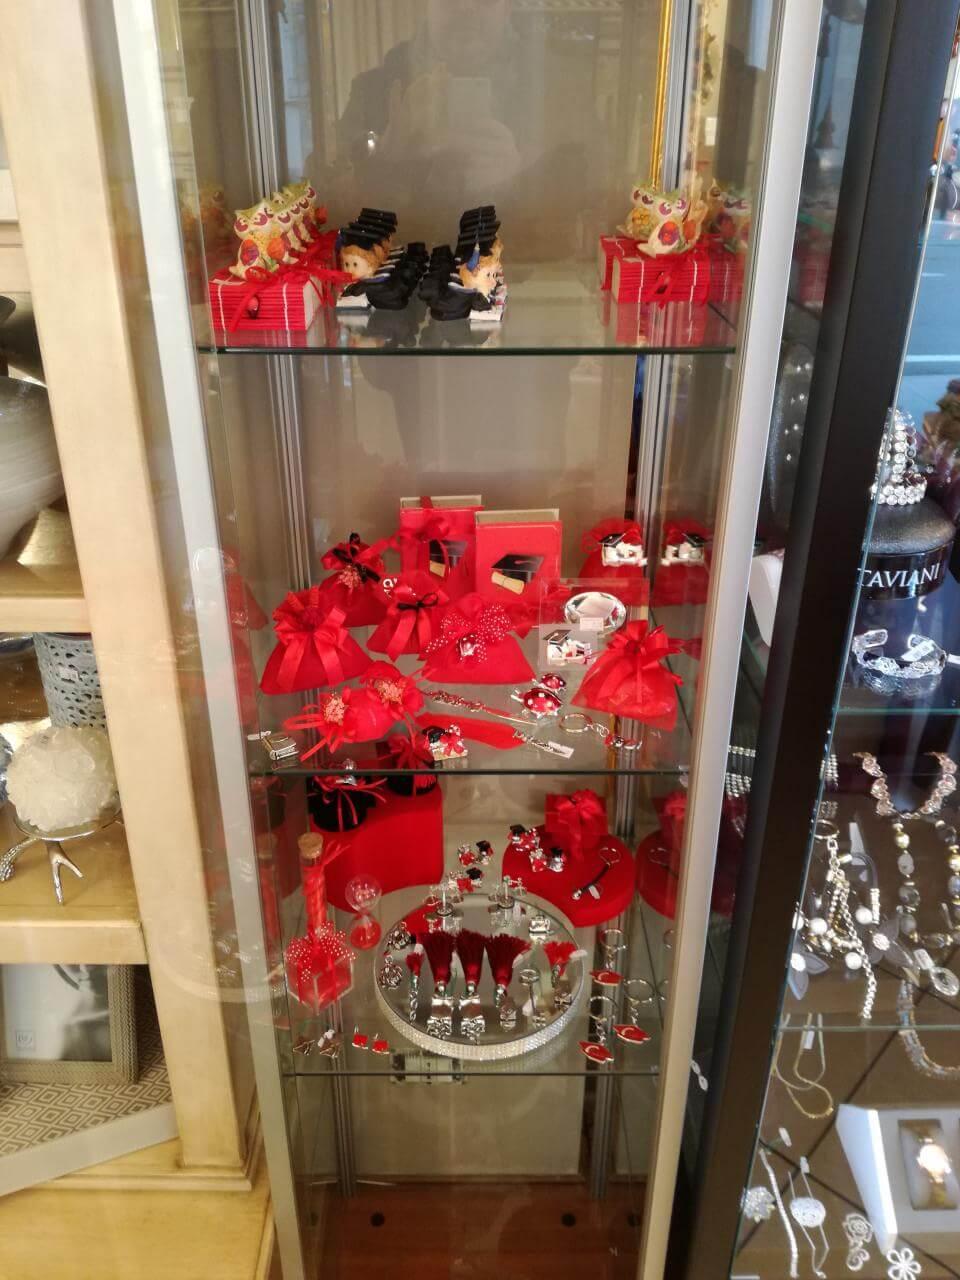 sacchetti rossi in una vetrina